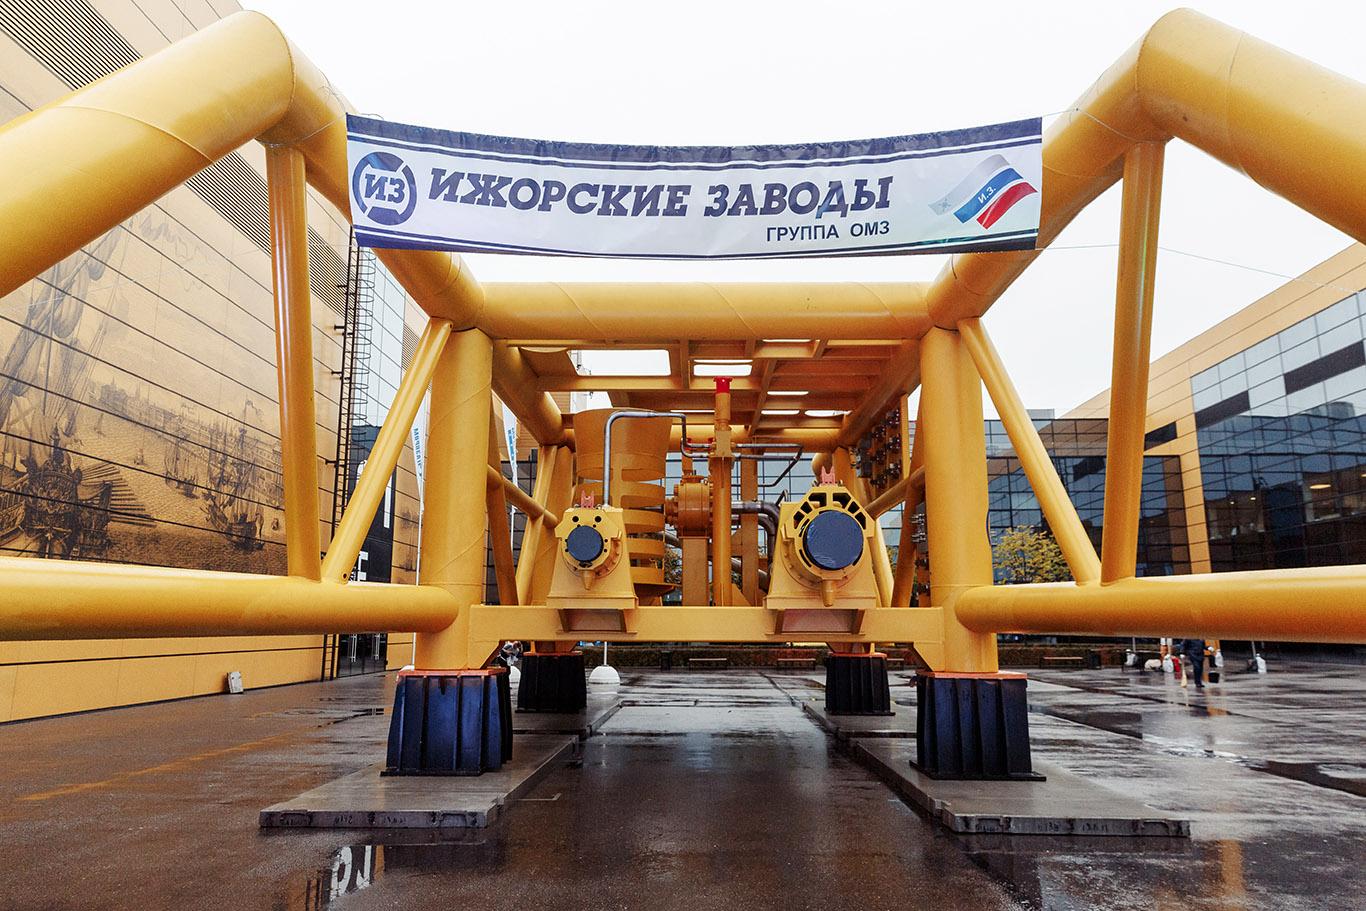 Подводный манифолд Ижорских заводов